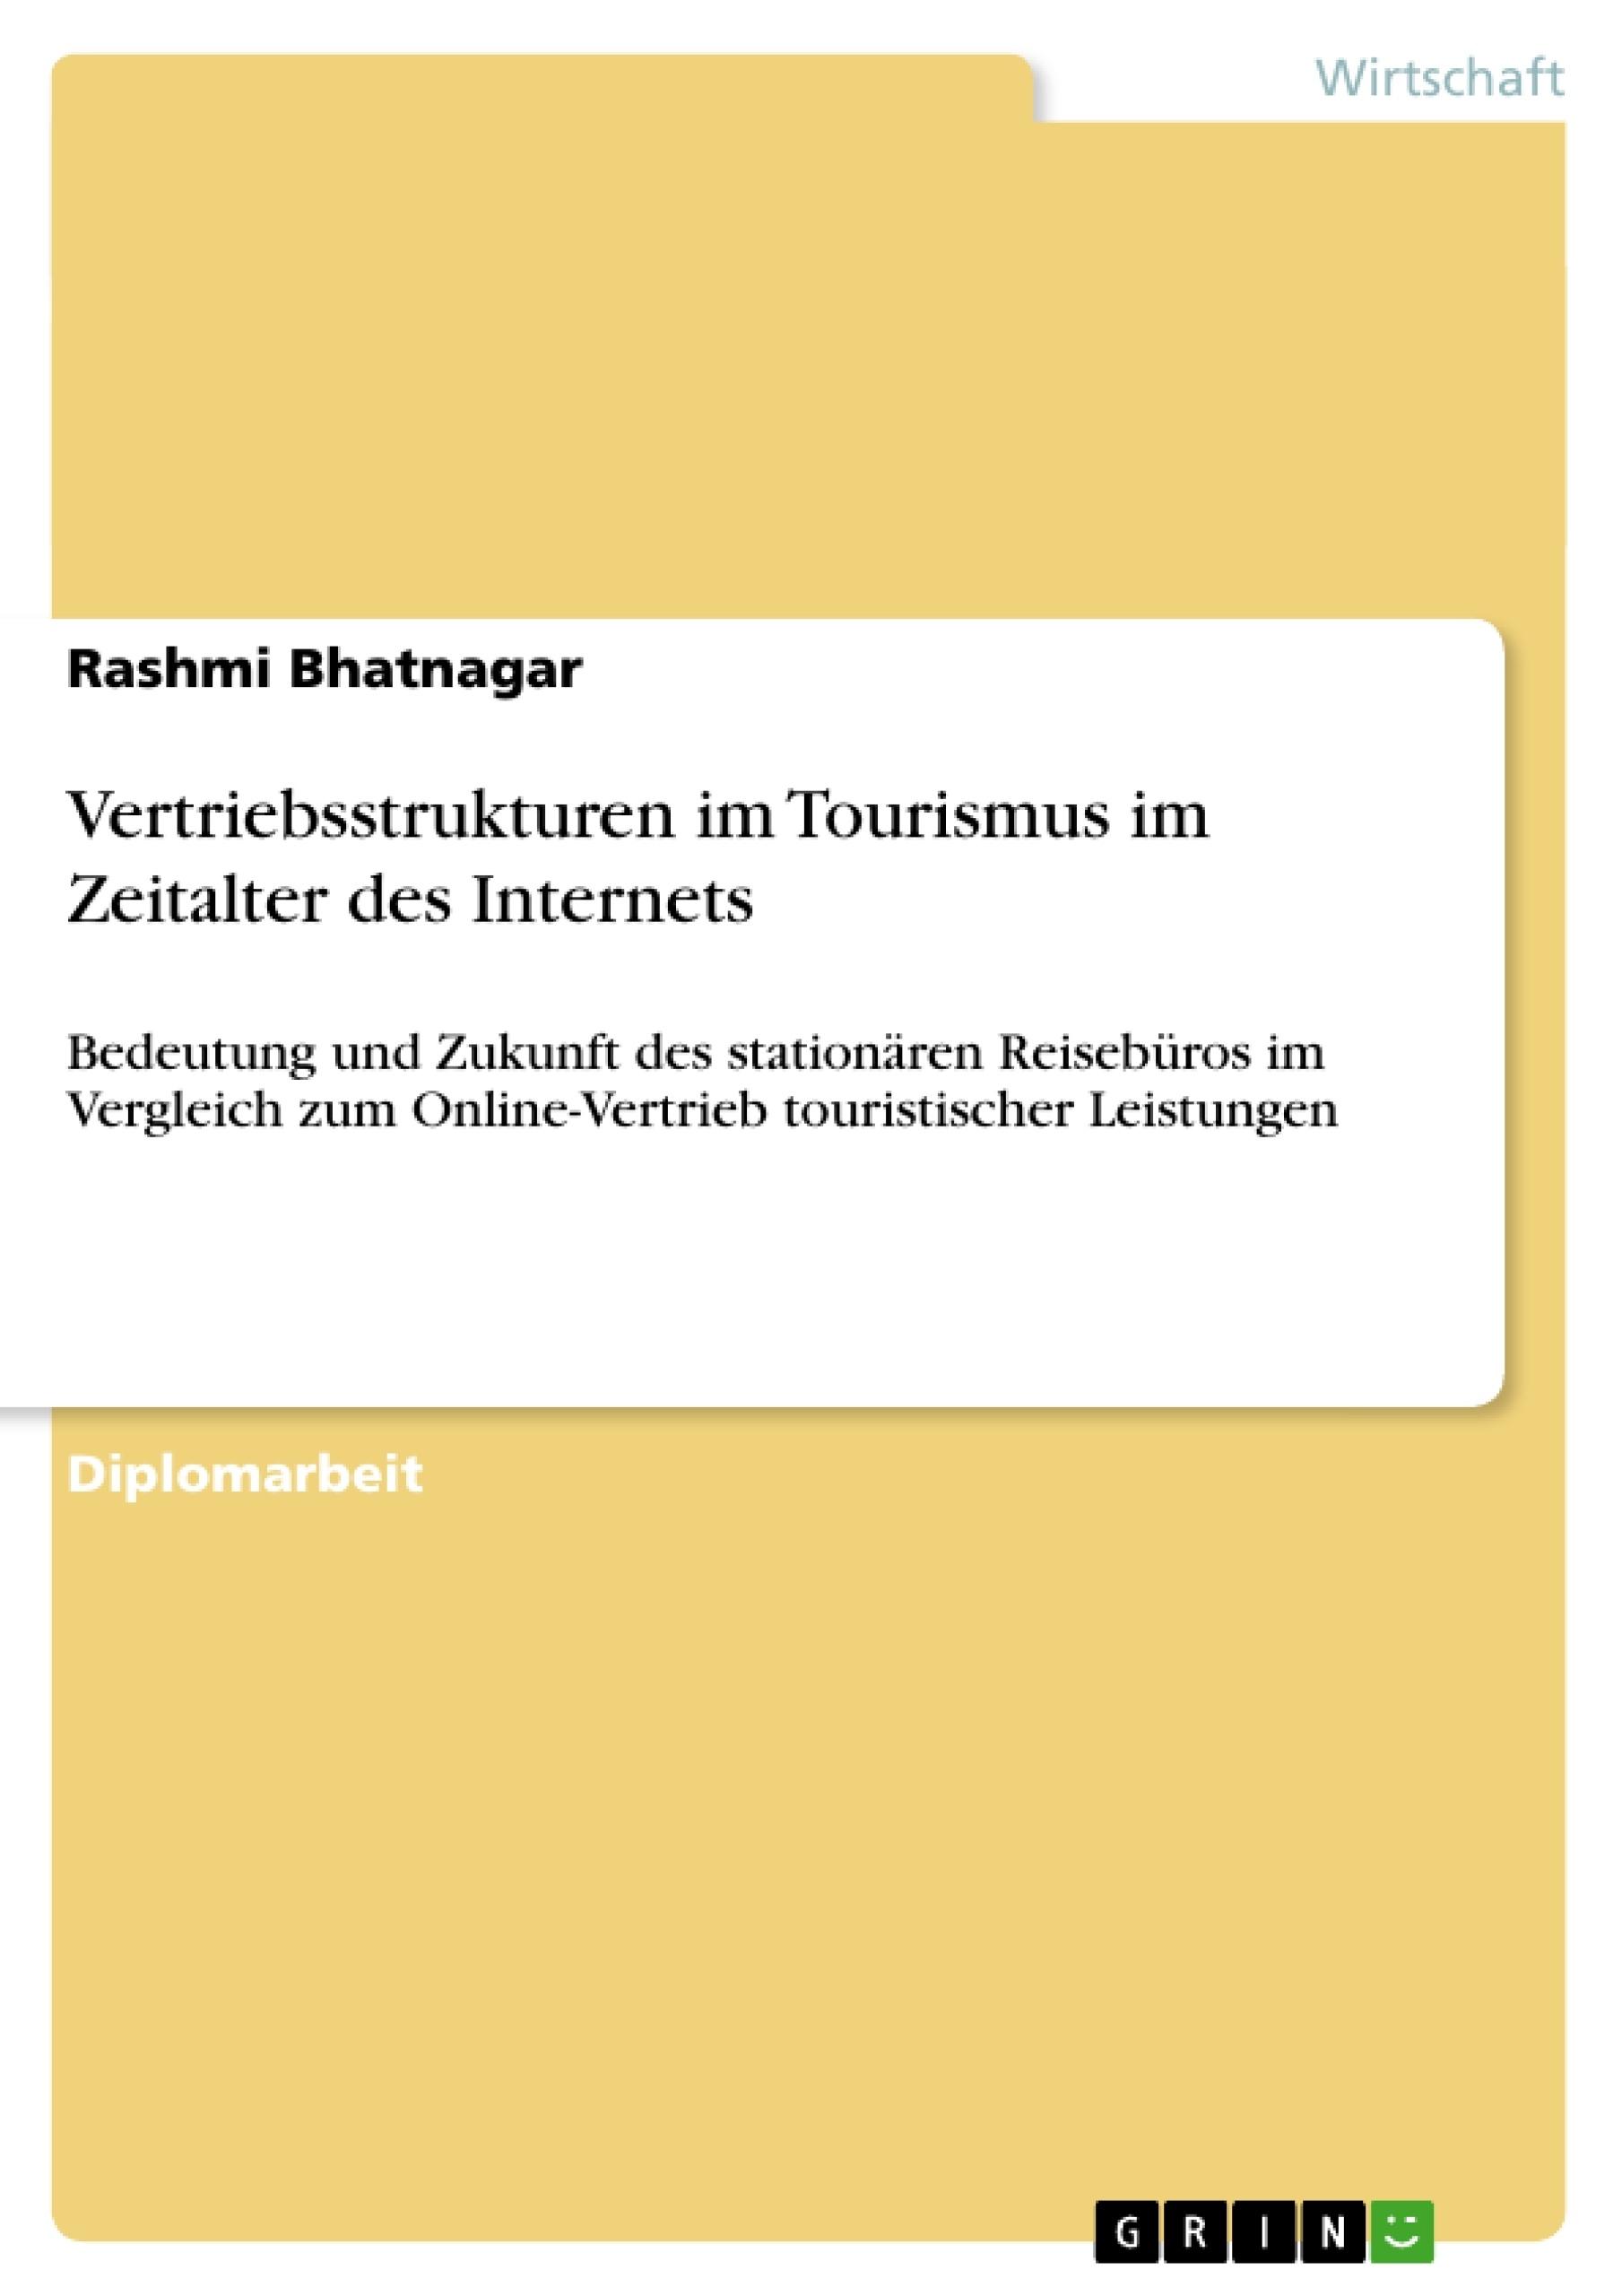 Titel: Vertriebsstrukturen im Tourismus im Zeitalter des Internets